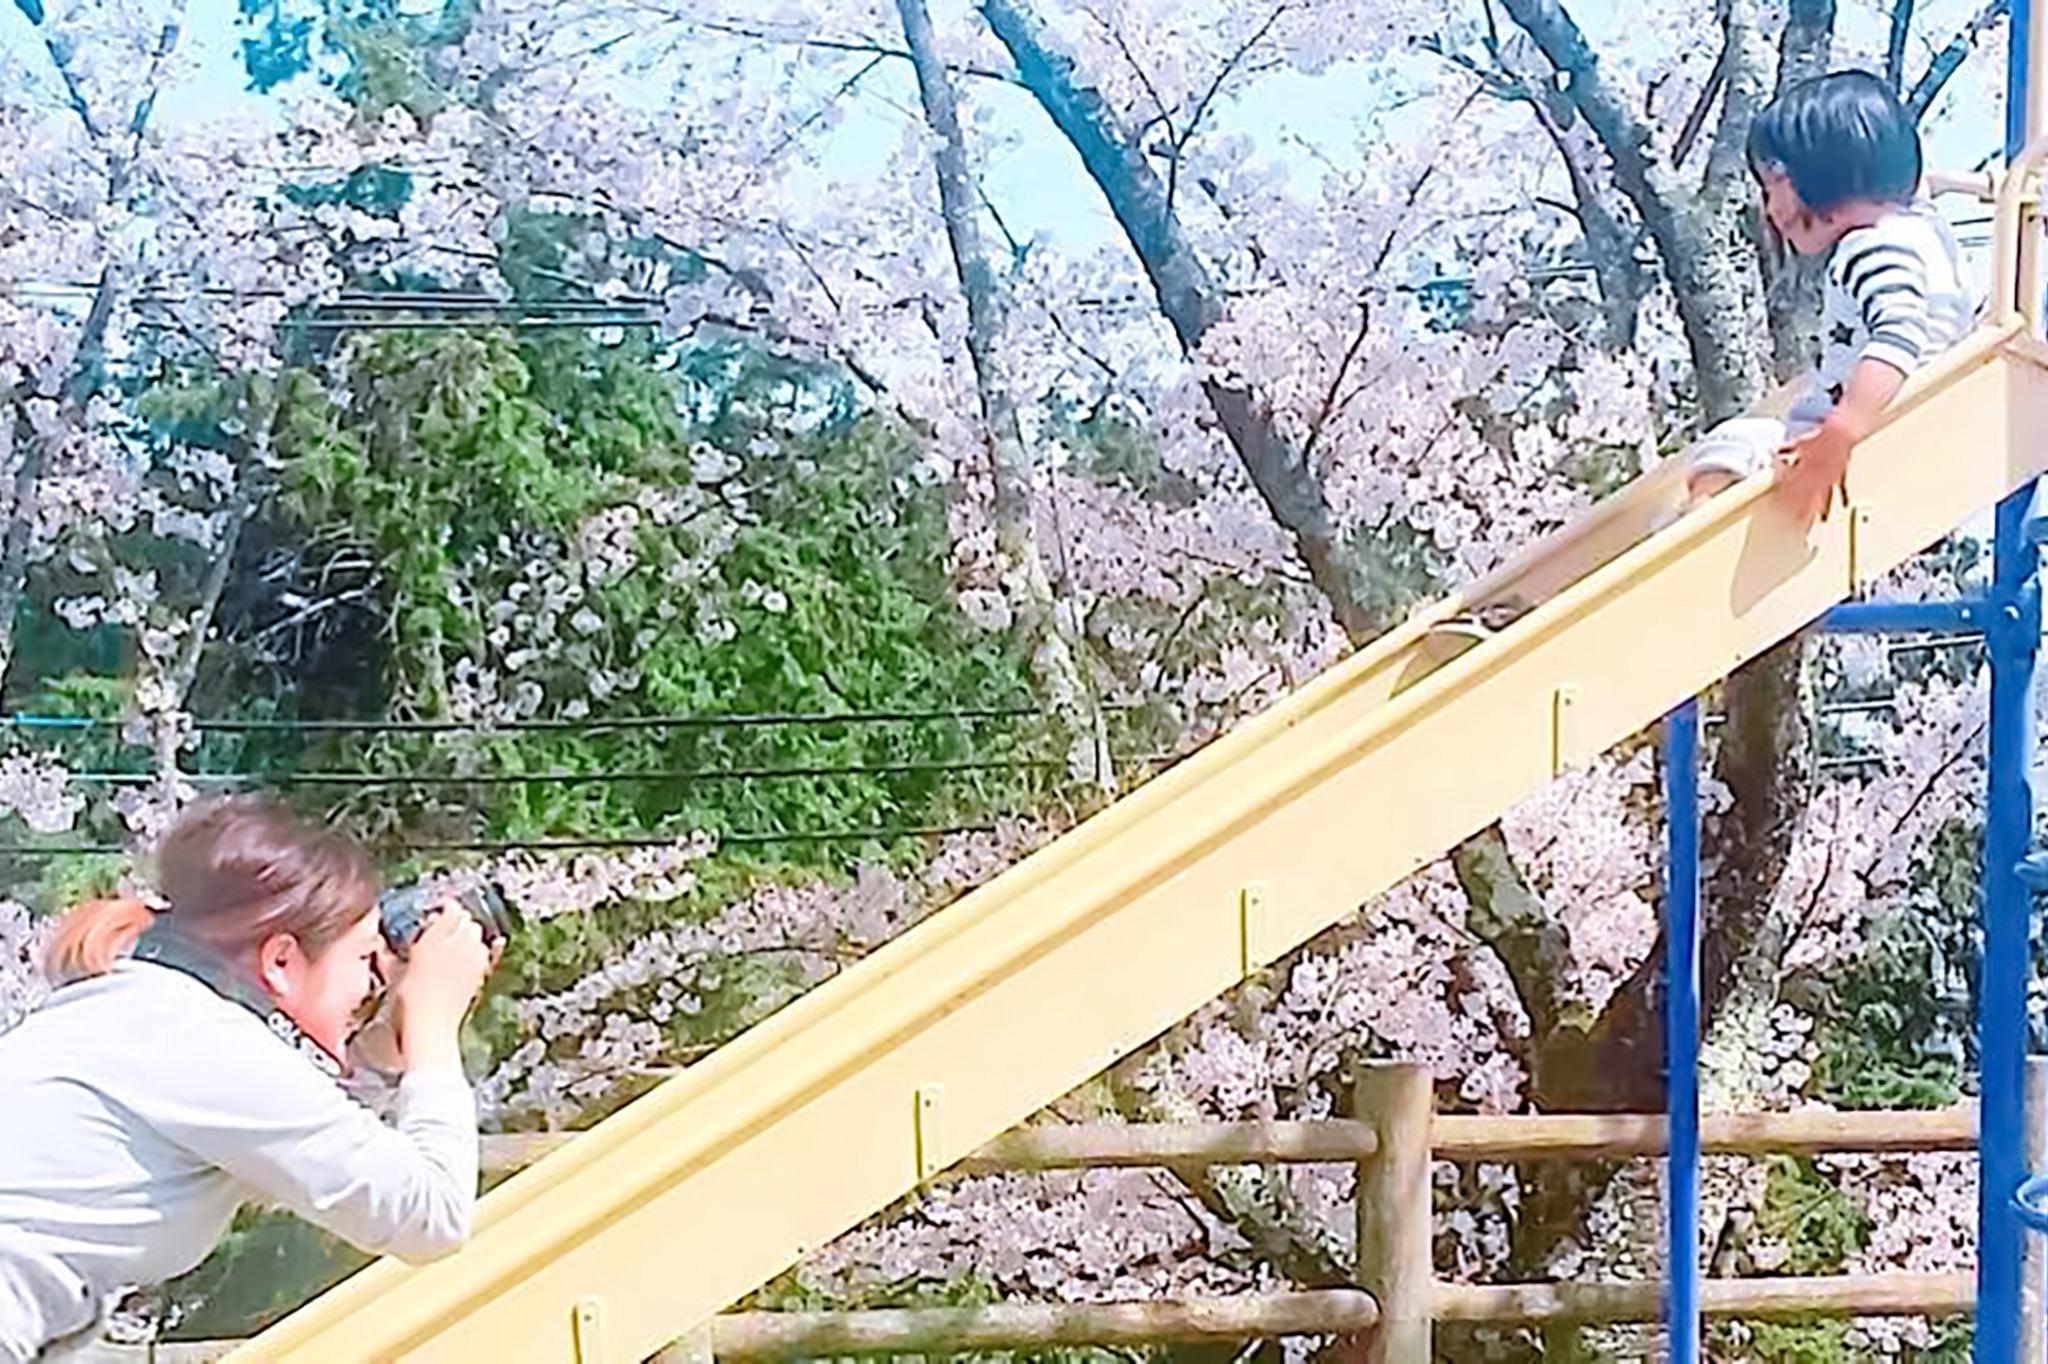 芦澤絢名さん 写真4